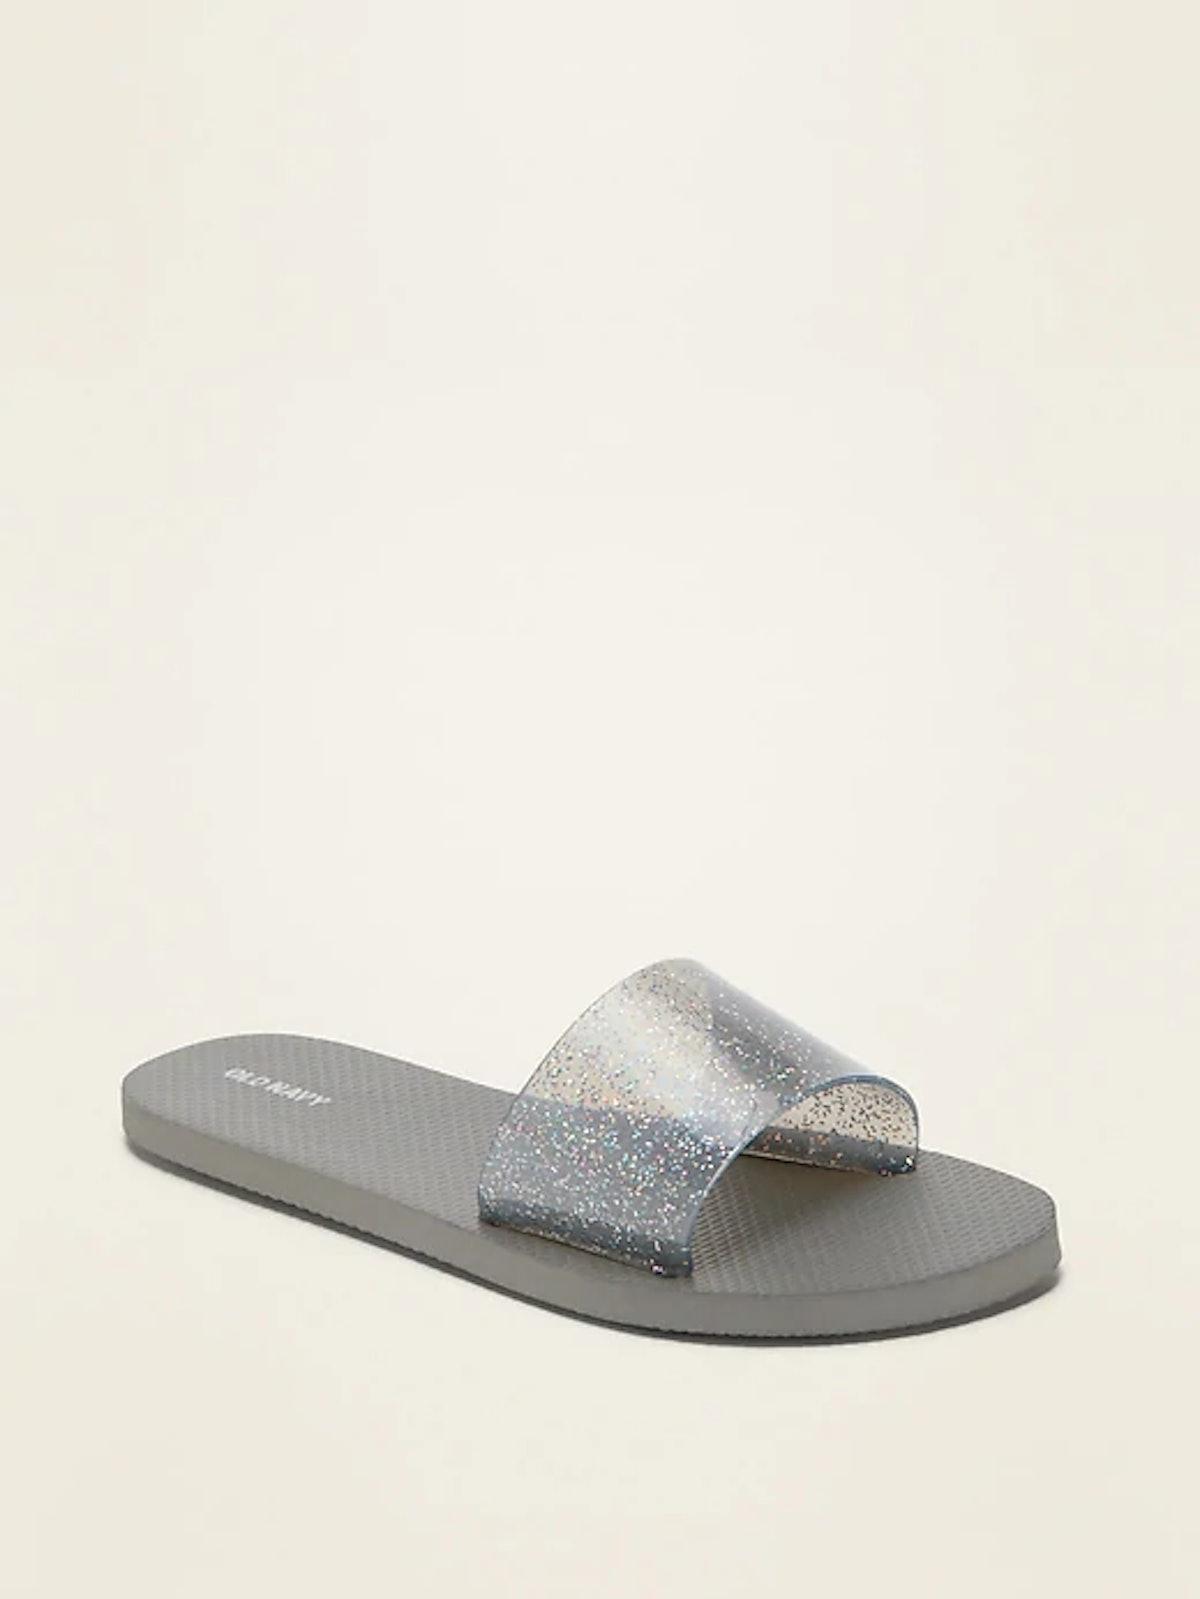 Jelly Flip-Flop Slide Sandals